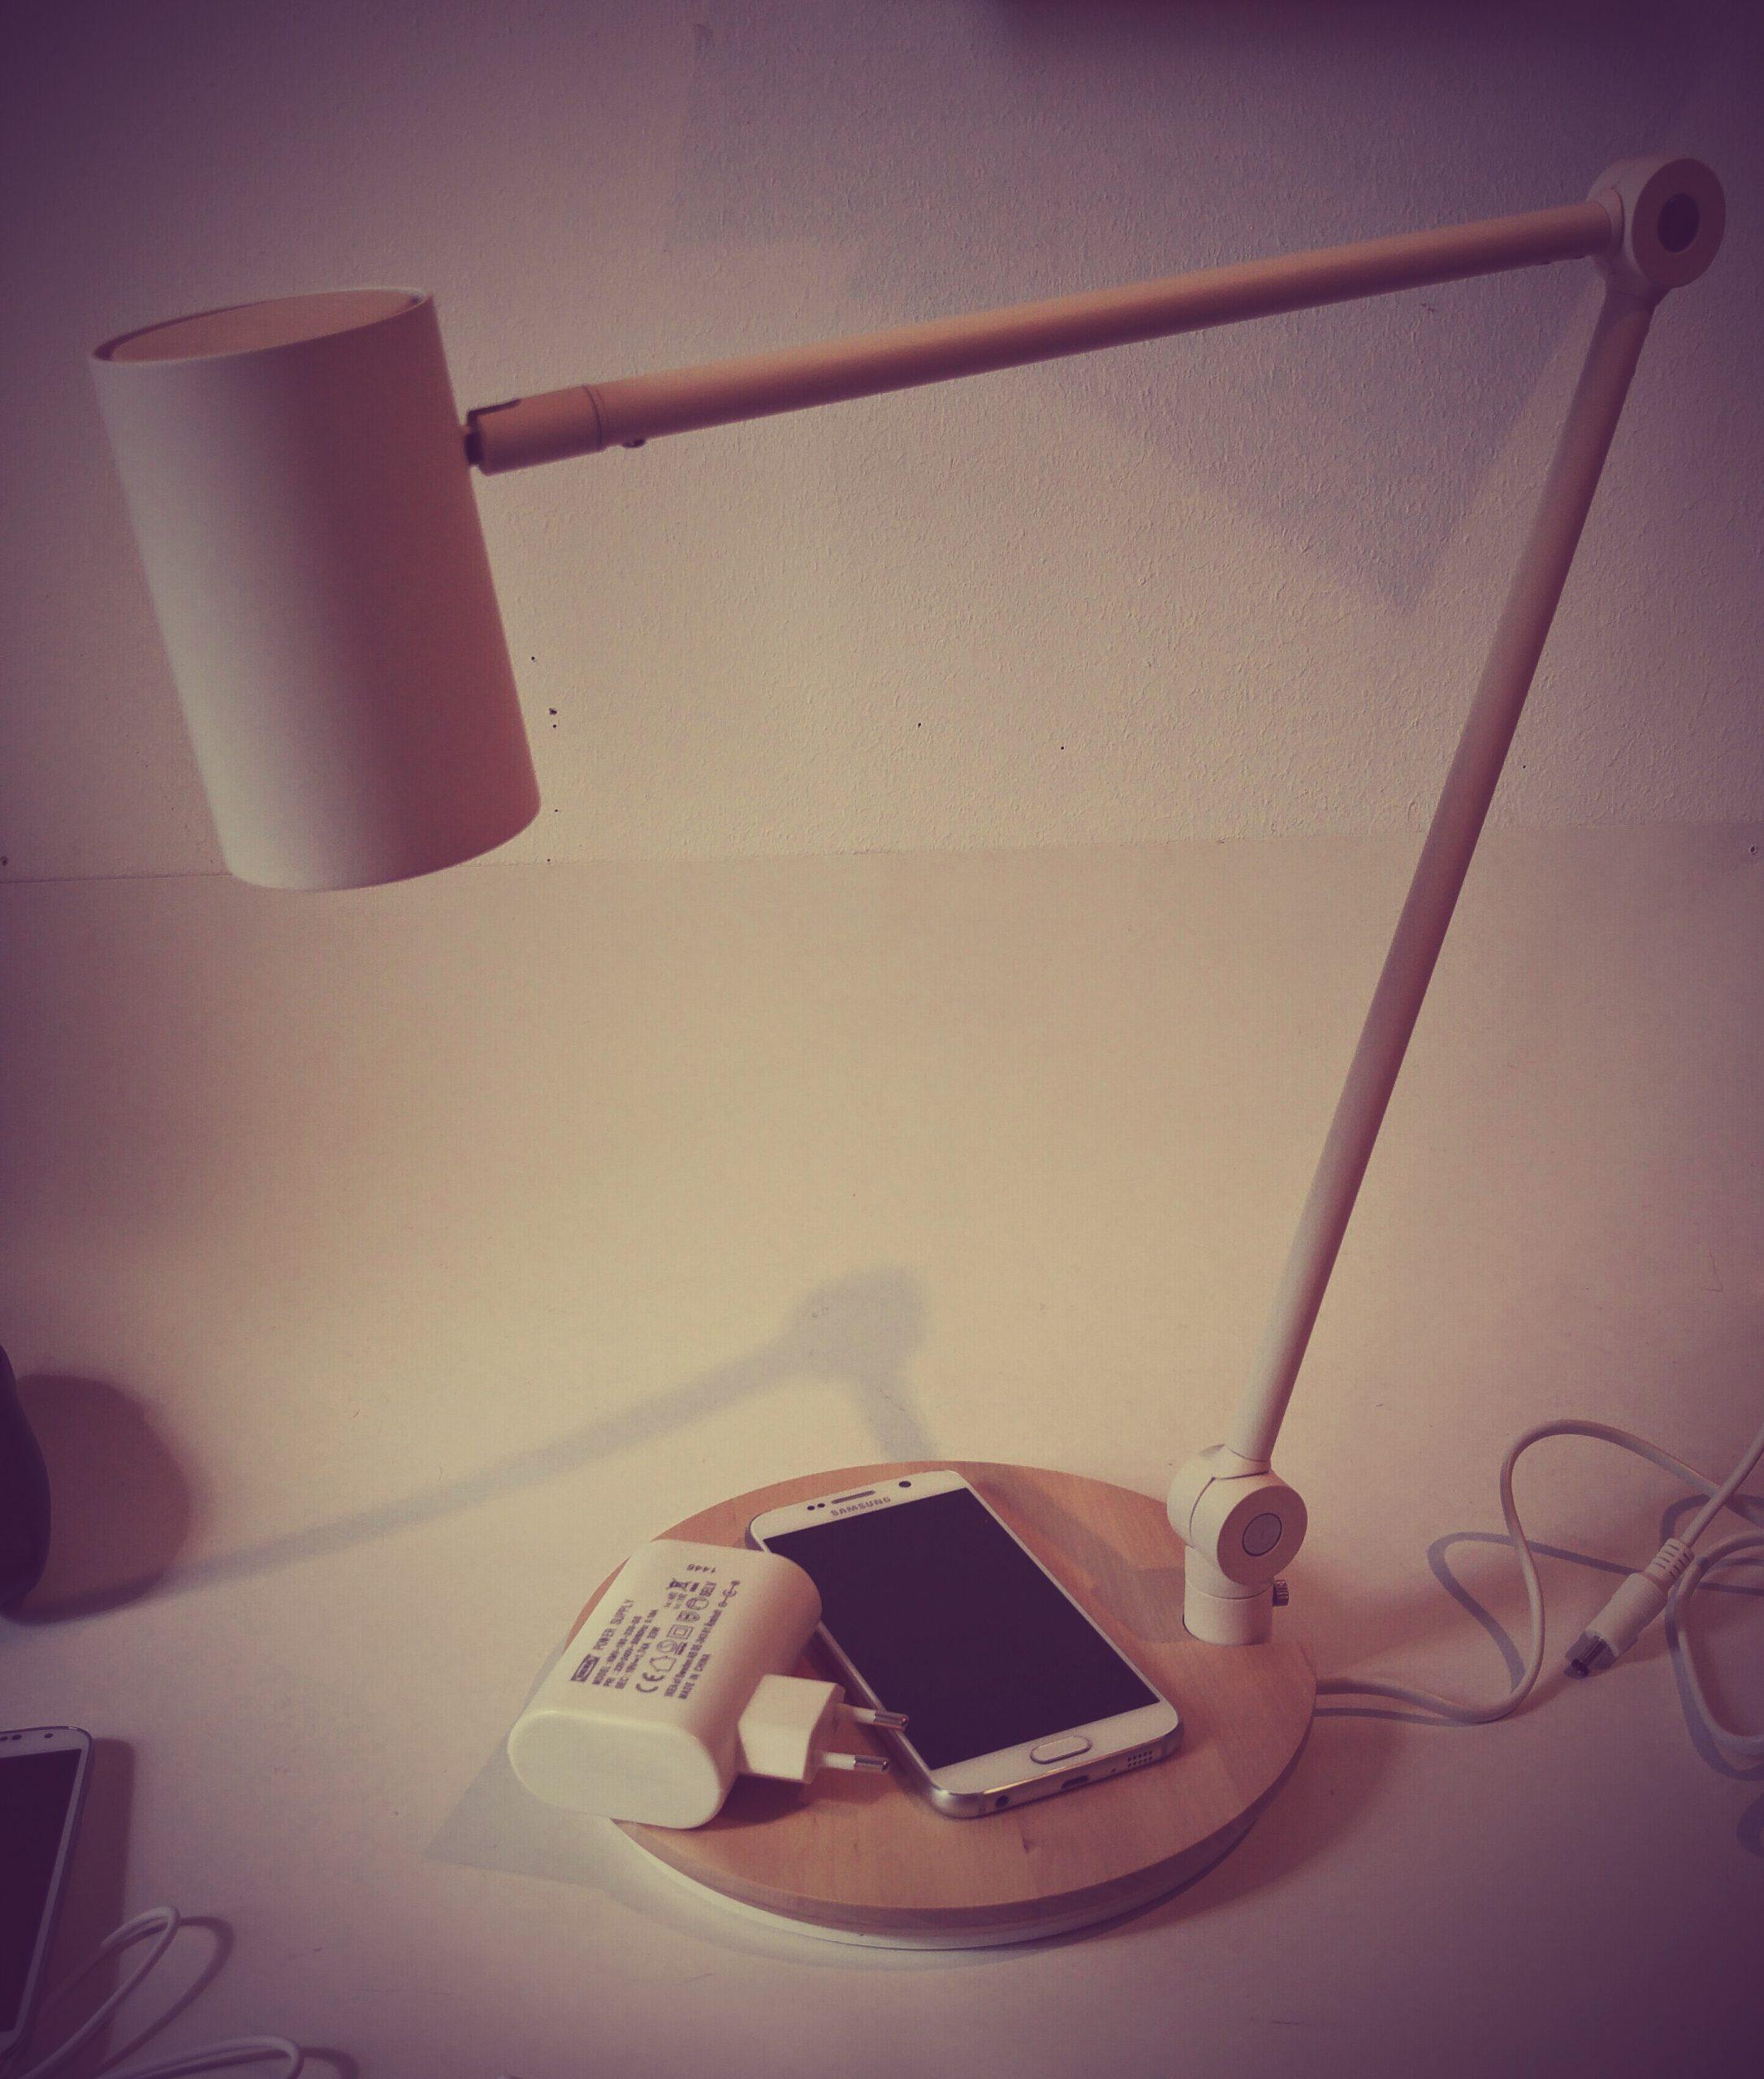 Full Size of Defective By Design Riggad Lampe Von Ikea Mit Qi Ladestation Im Küche Kosten Led Lampen Wohnzimmer Betten Bei Kaufen Sofa Schlaffunktion Stehlampen Esstisch Wohnzimmer Ikea Lampen